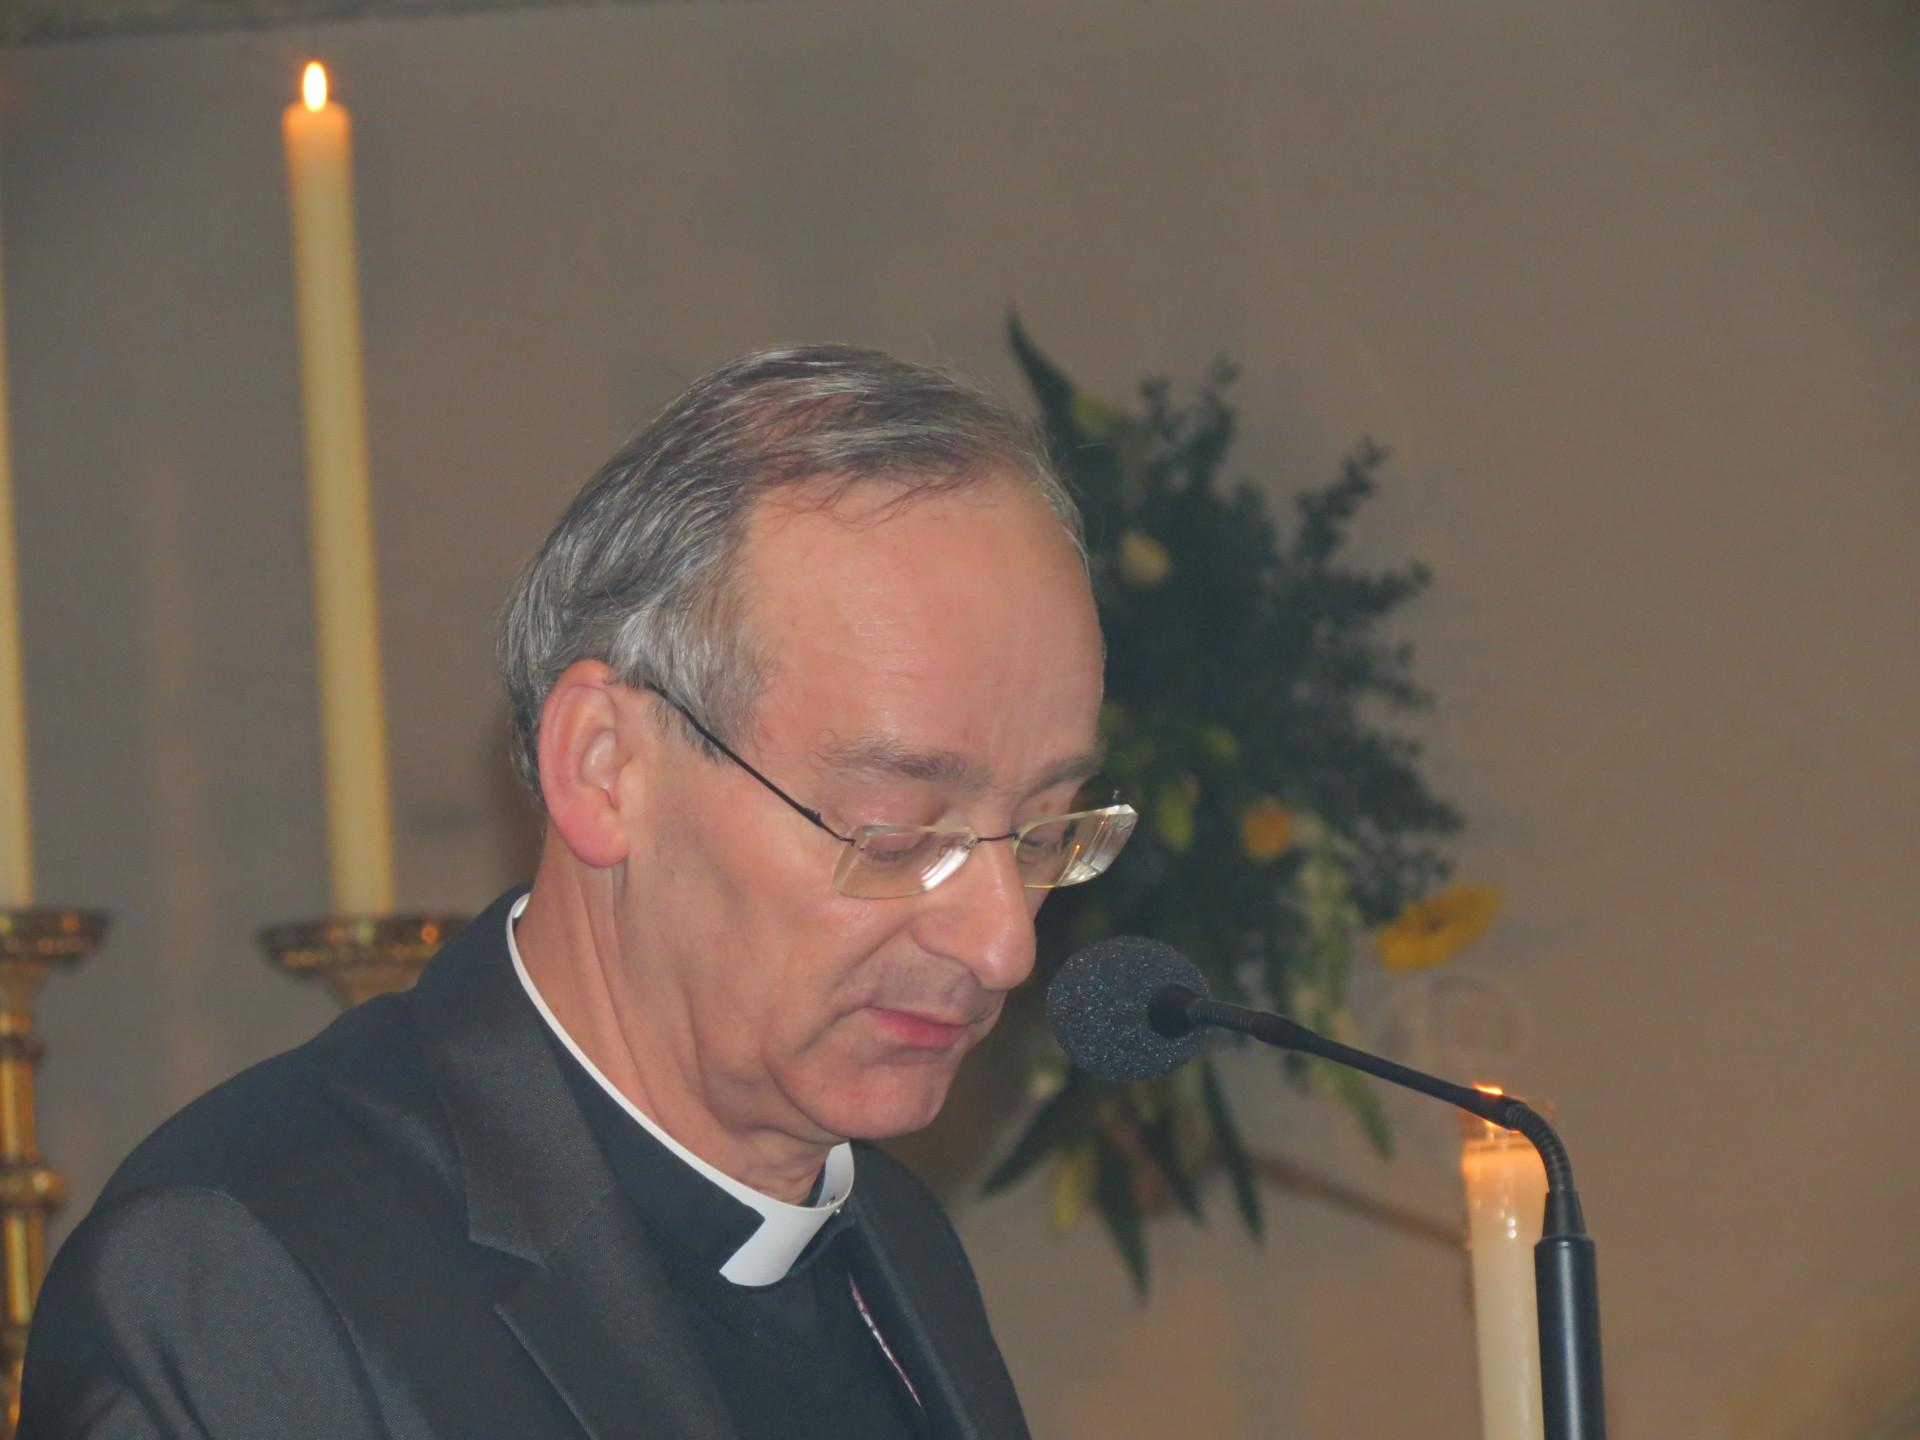 Bisschop Harrie Smeets heeft Pastoor Horsch benoemd tot pastoor van de parochiefederatie Borgharen, Itteren,Limmel en parochiefederatie Bunde.